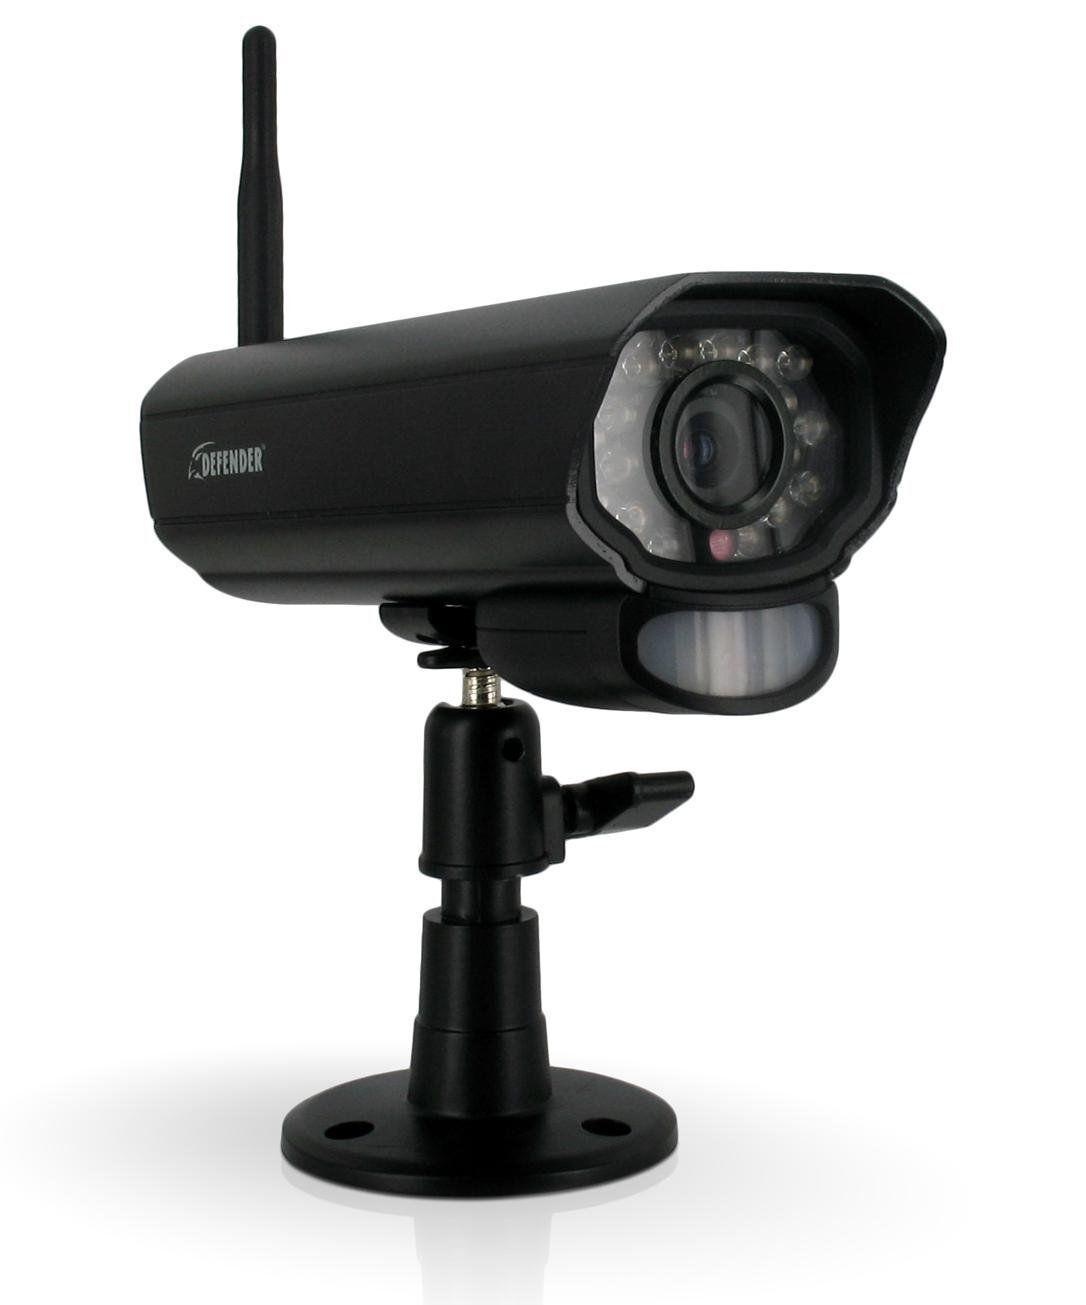 Top 10 Outdoor Security Cameras